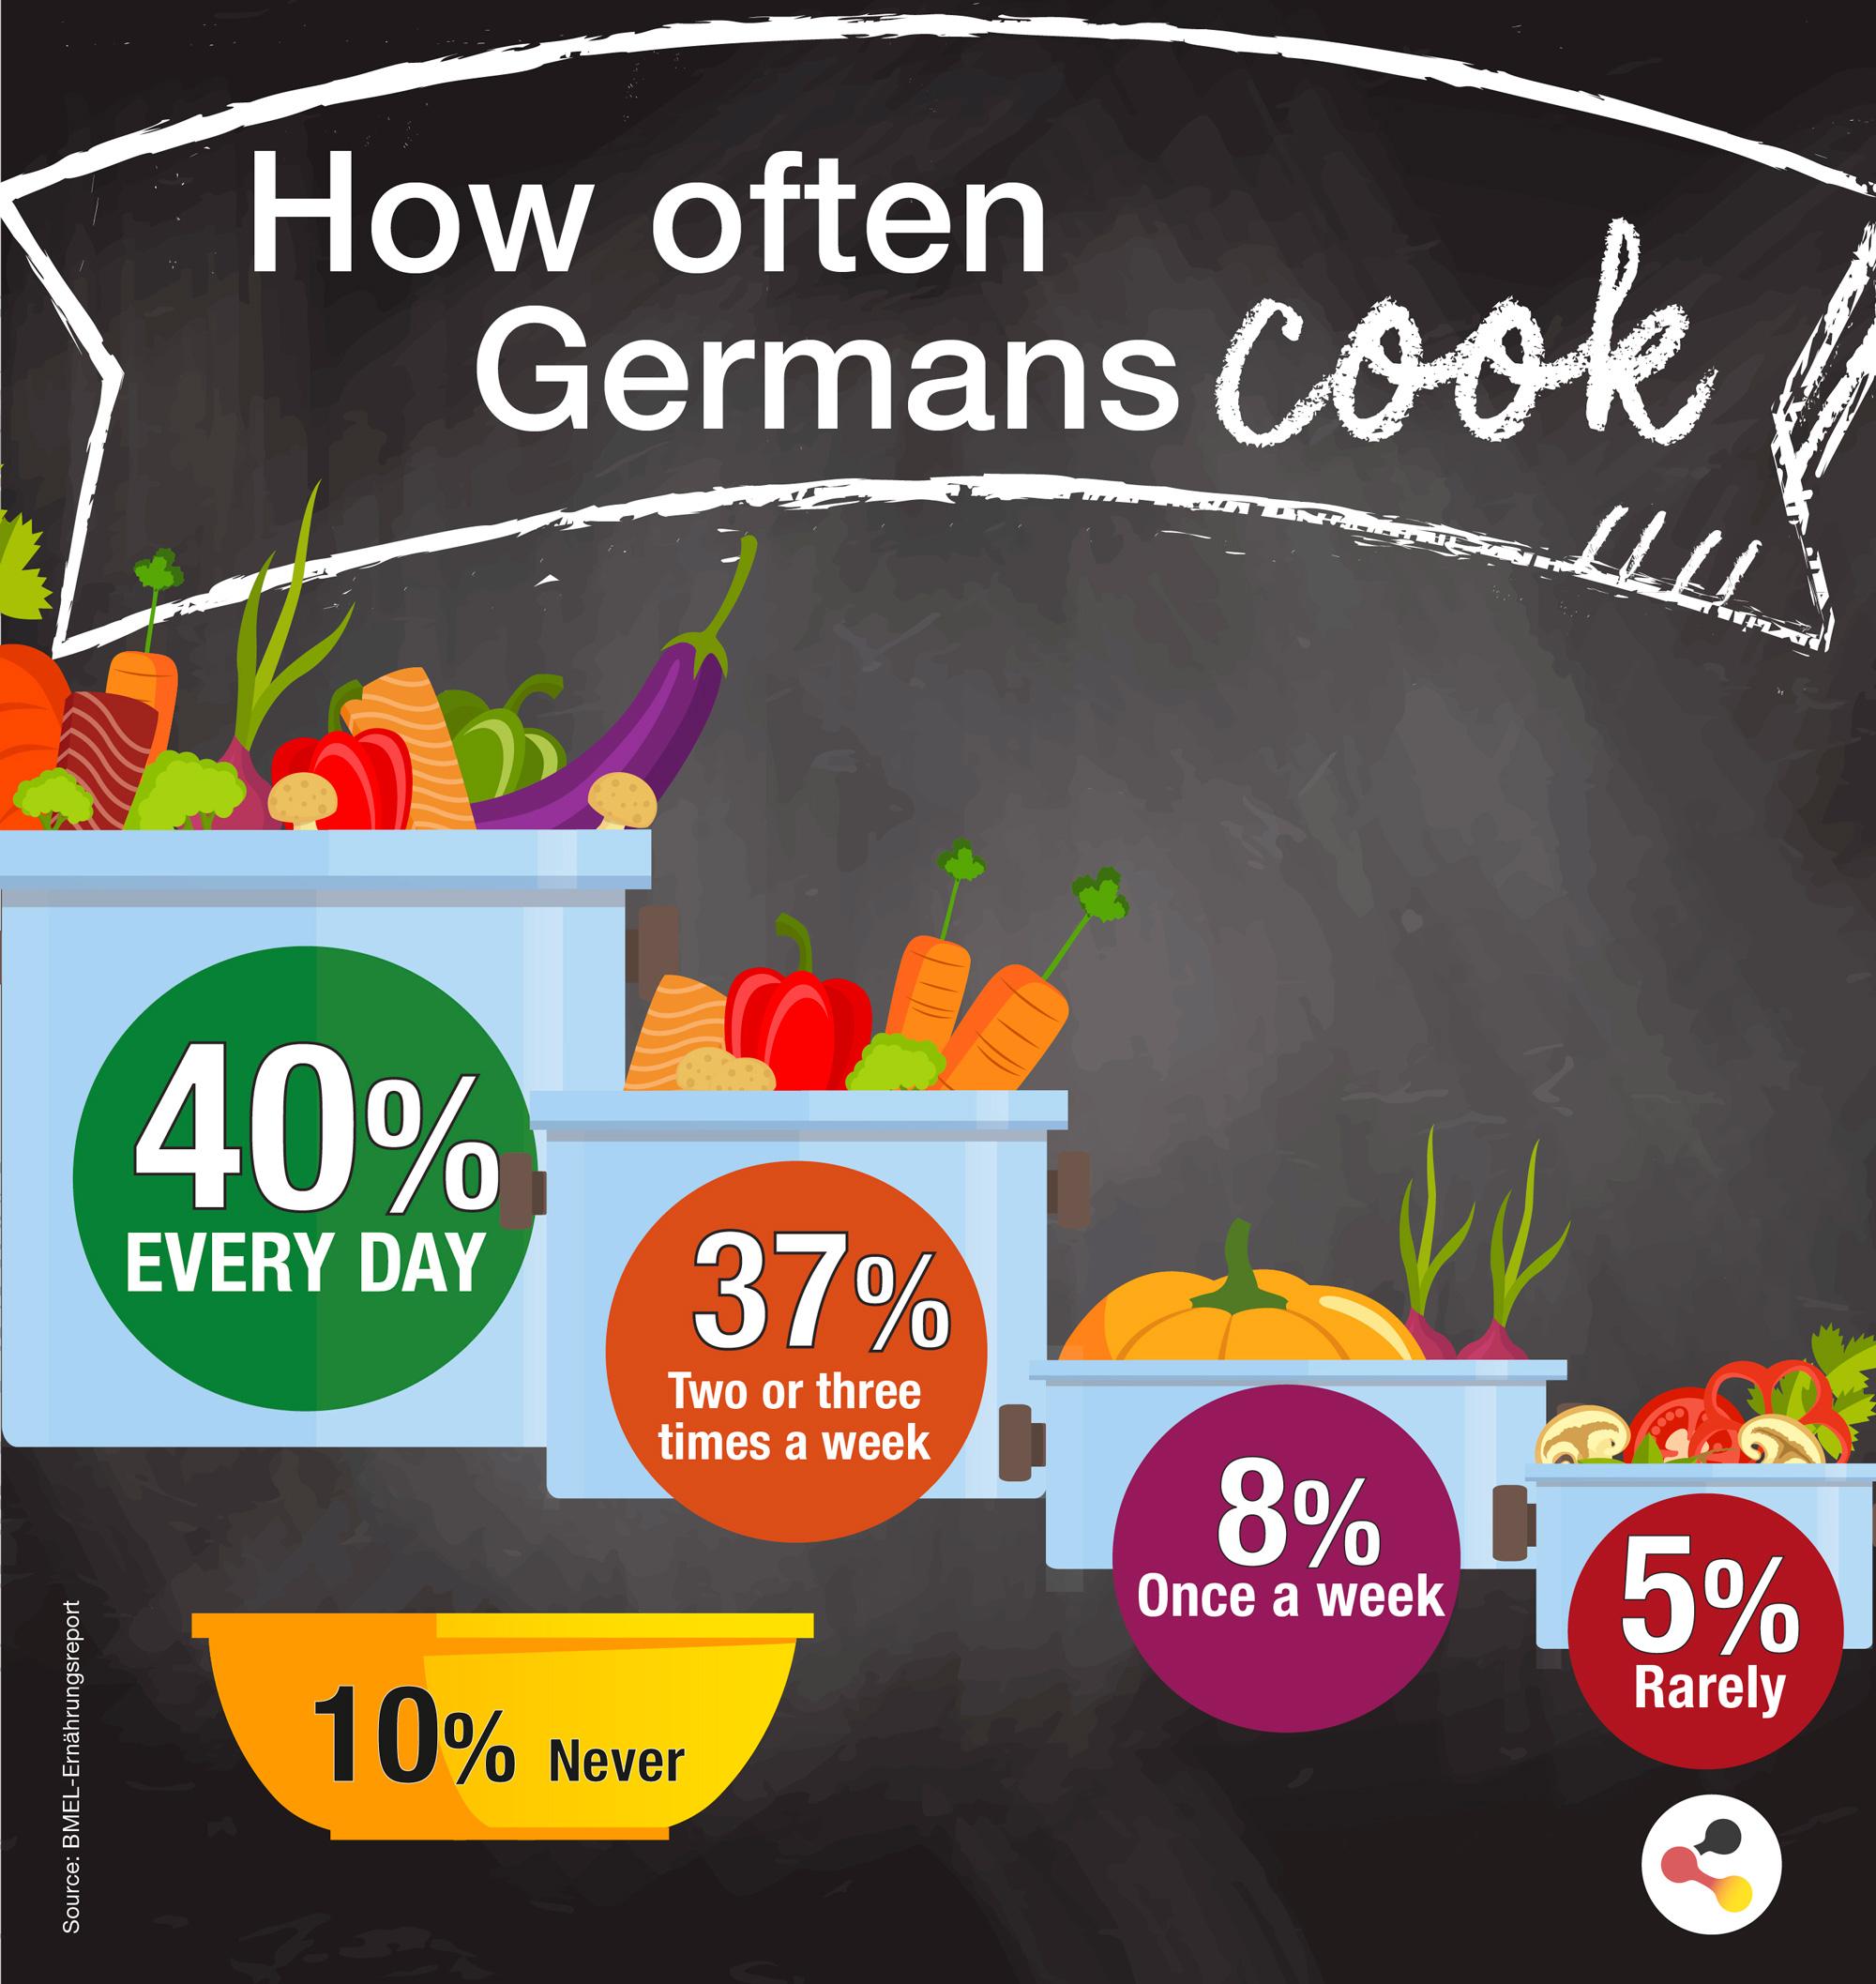 Engelsk dating sites i tyskland